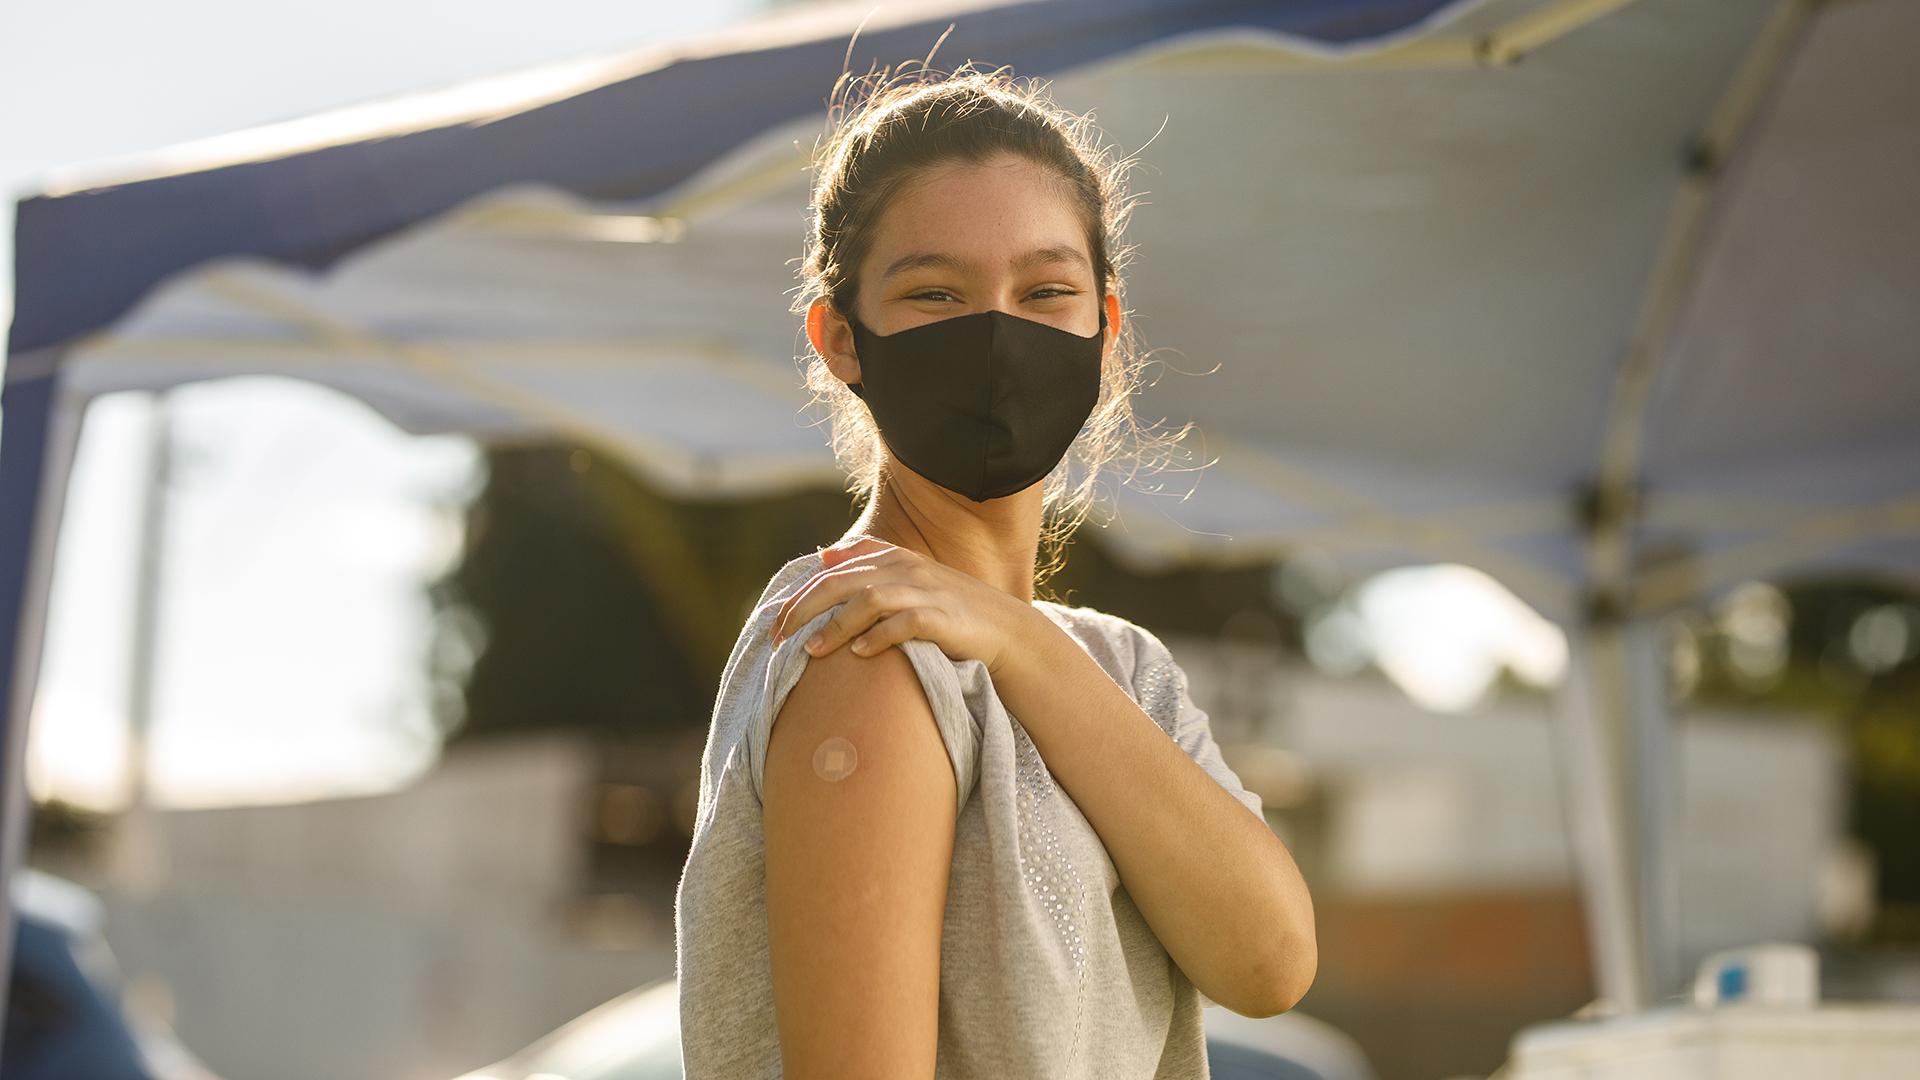 Már az amerikai 12-15 évesek is kaphatnak Pfizer vakcinát